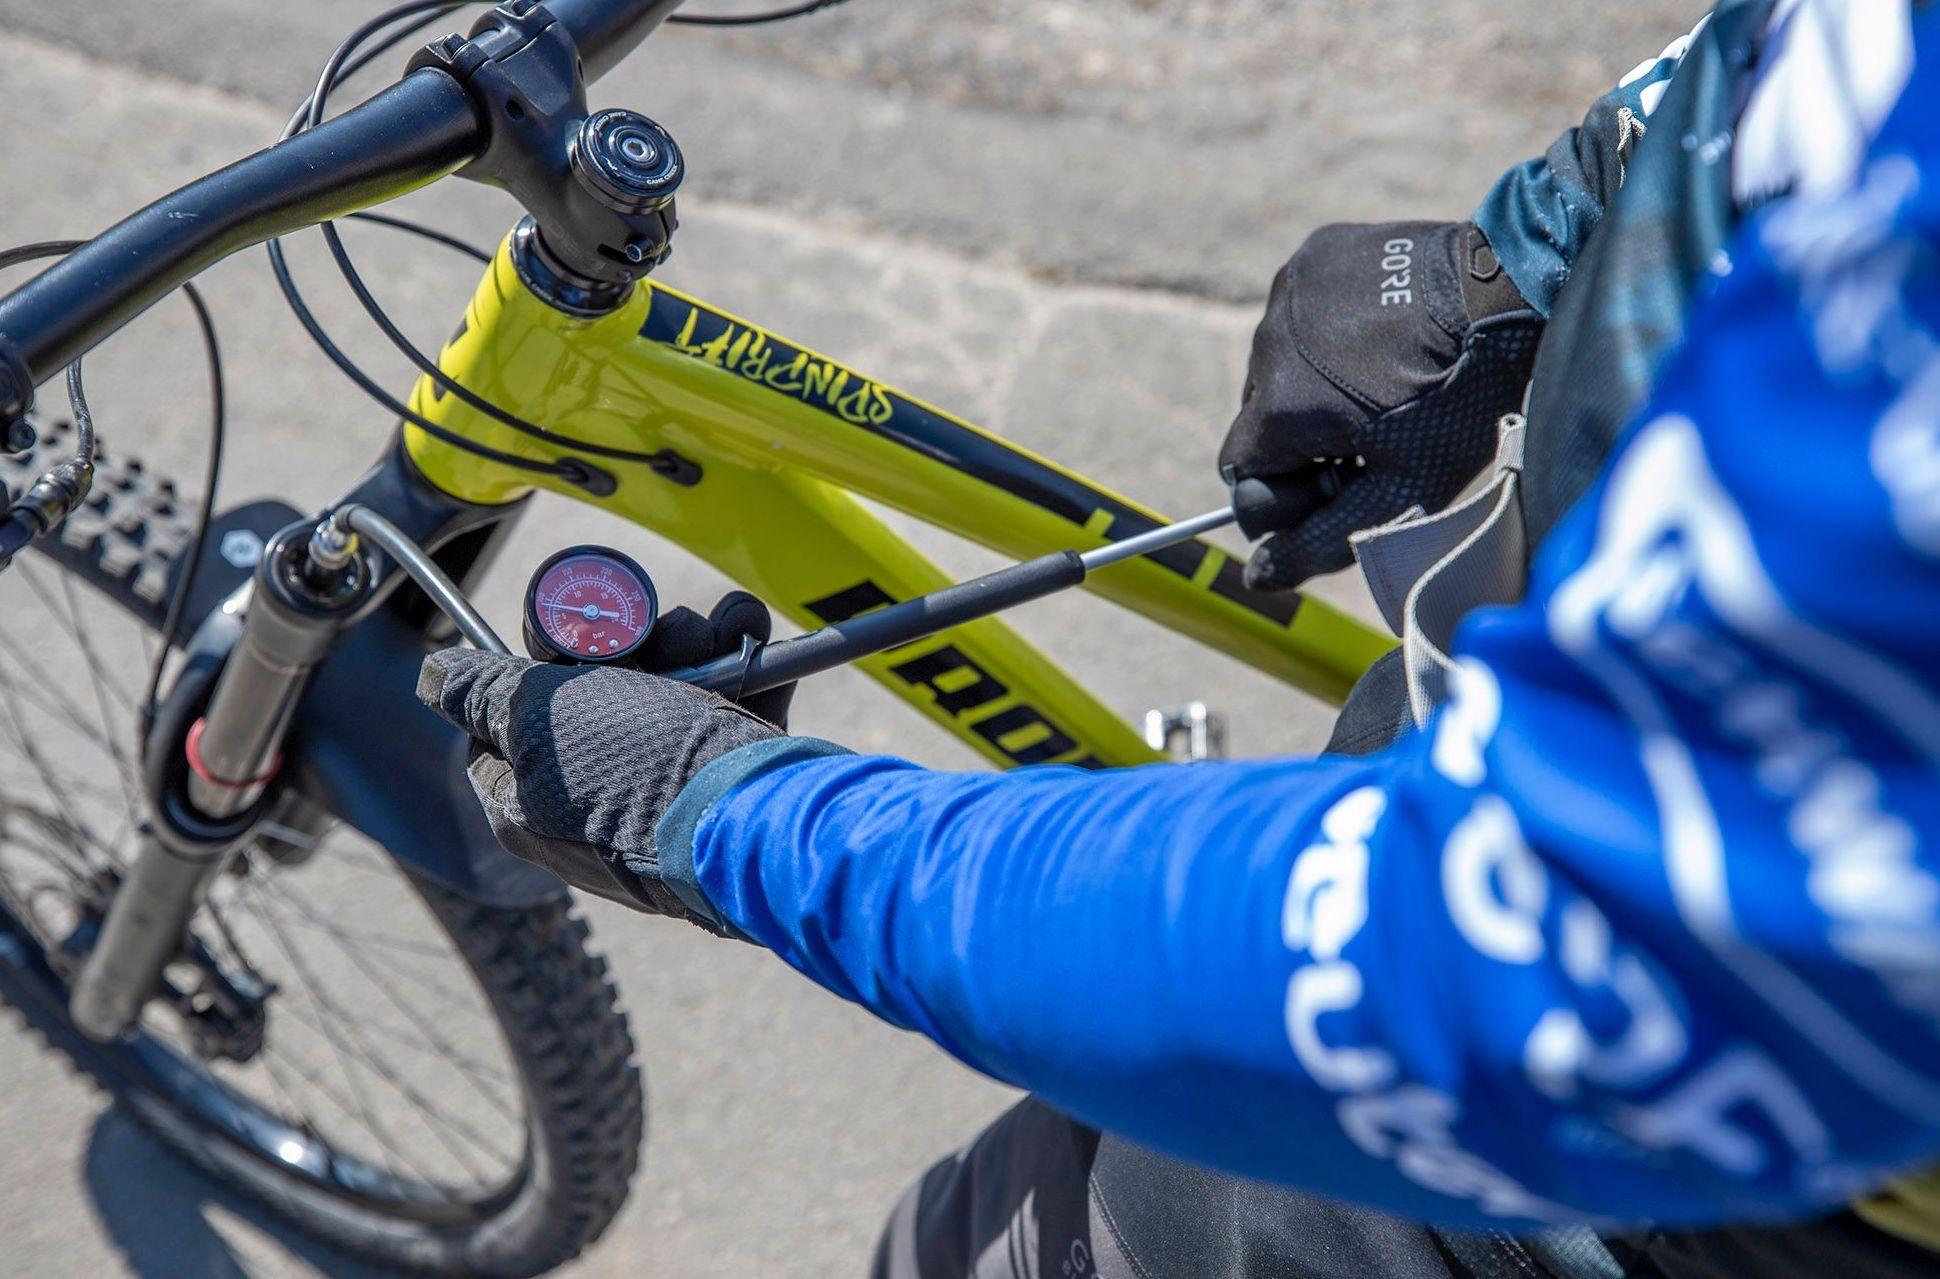 MTB Fahrtechnik Kurs Fortgeschrittene in Stuttgart  Esslingen - Mountainbike Fortgeschritten - Rock my Trail Bikeschule - 11